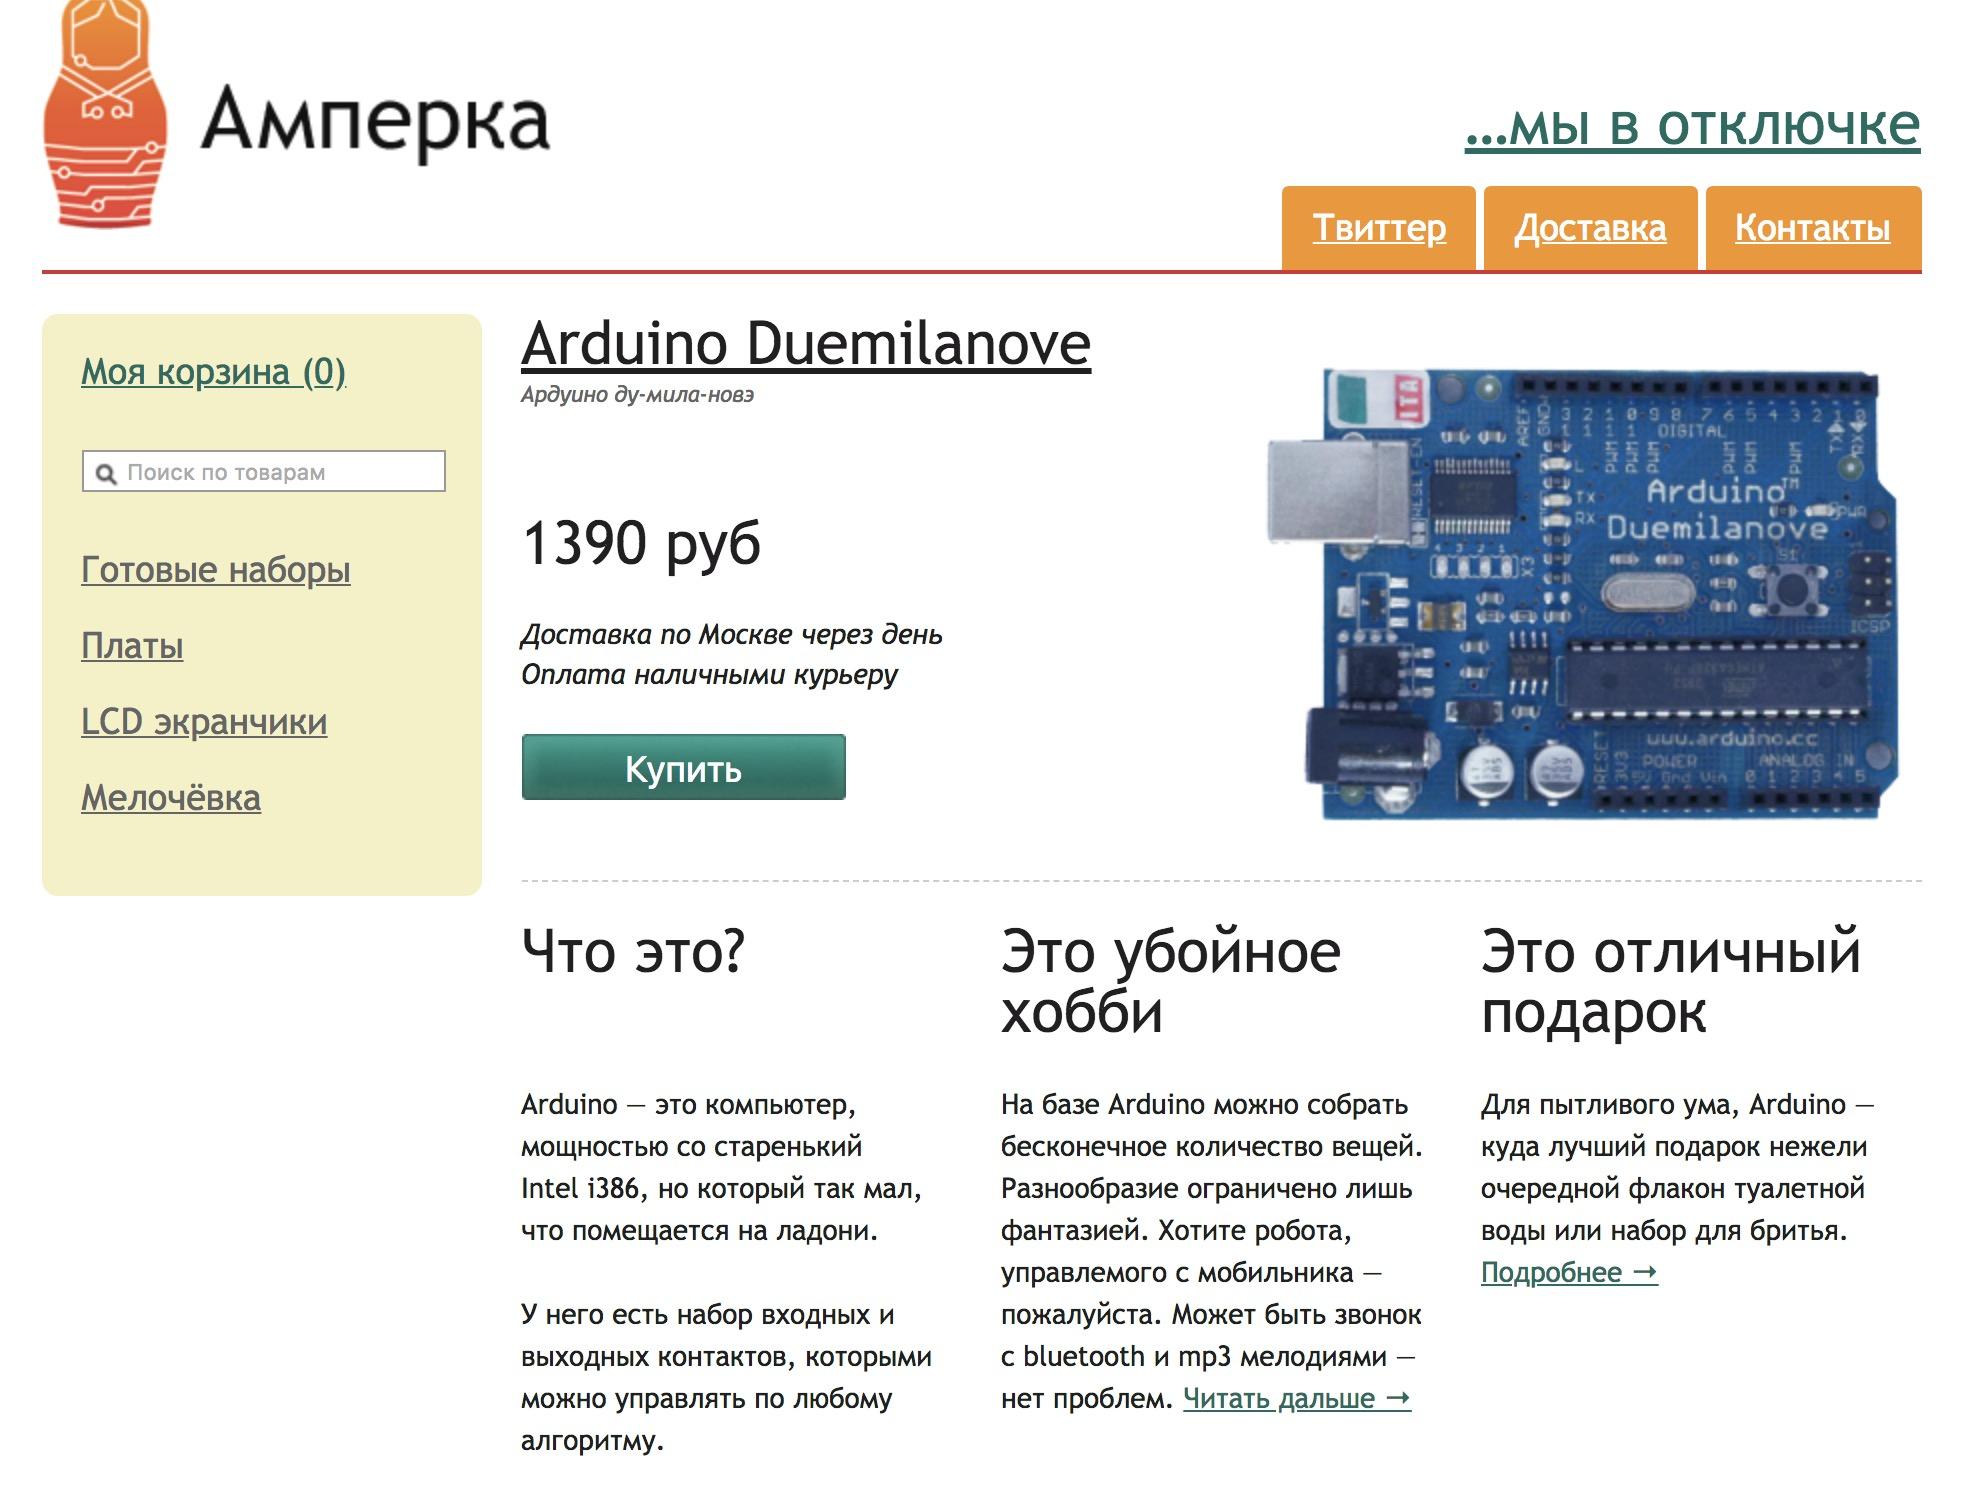 Первая версия сайта «Амперки» в 2010 году